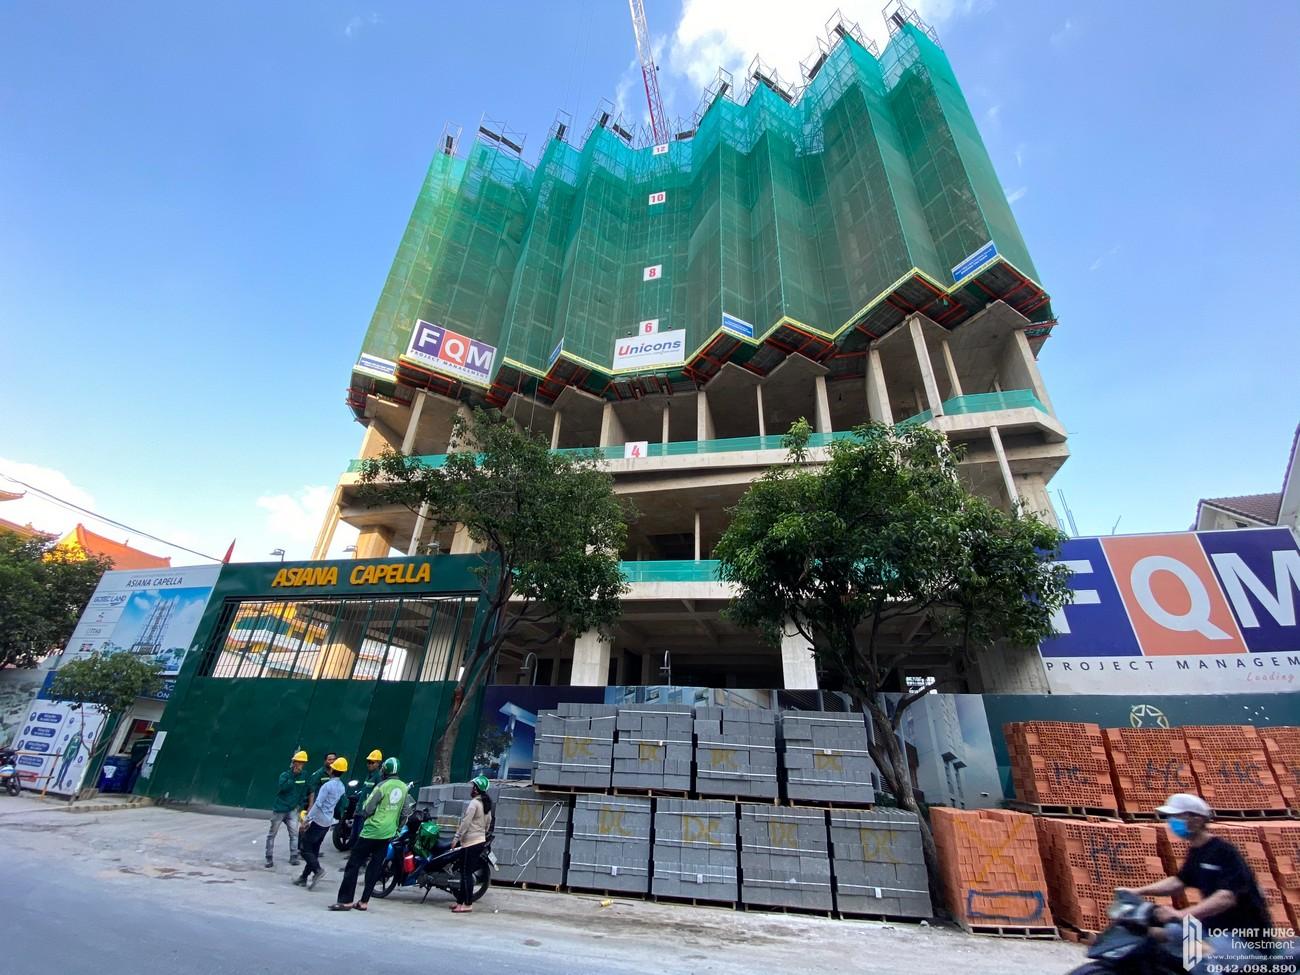 Tiến độ xây dựng dự án Asiana Capella Quận 6 tháng 02/2020